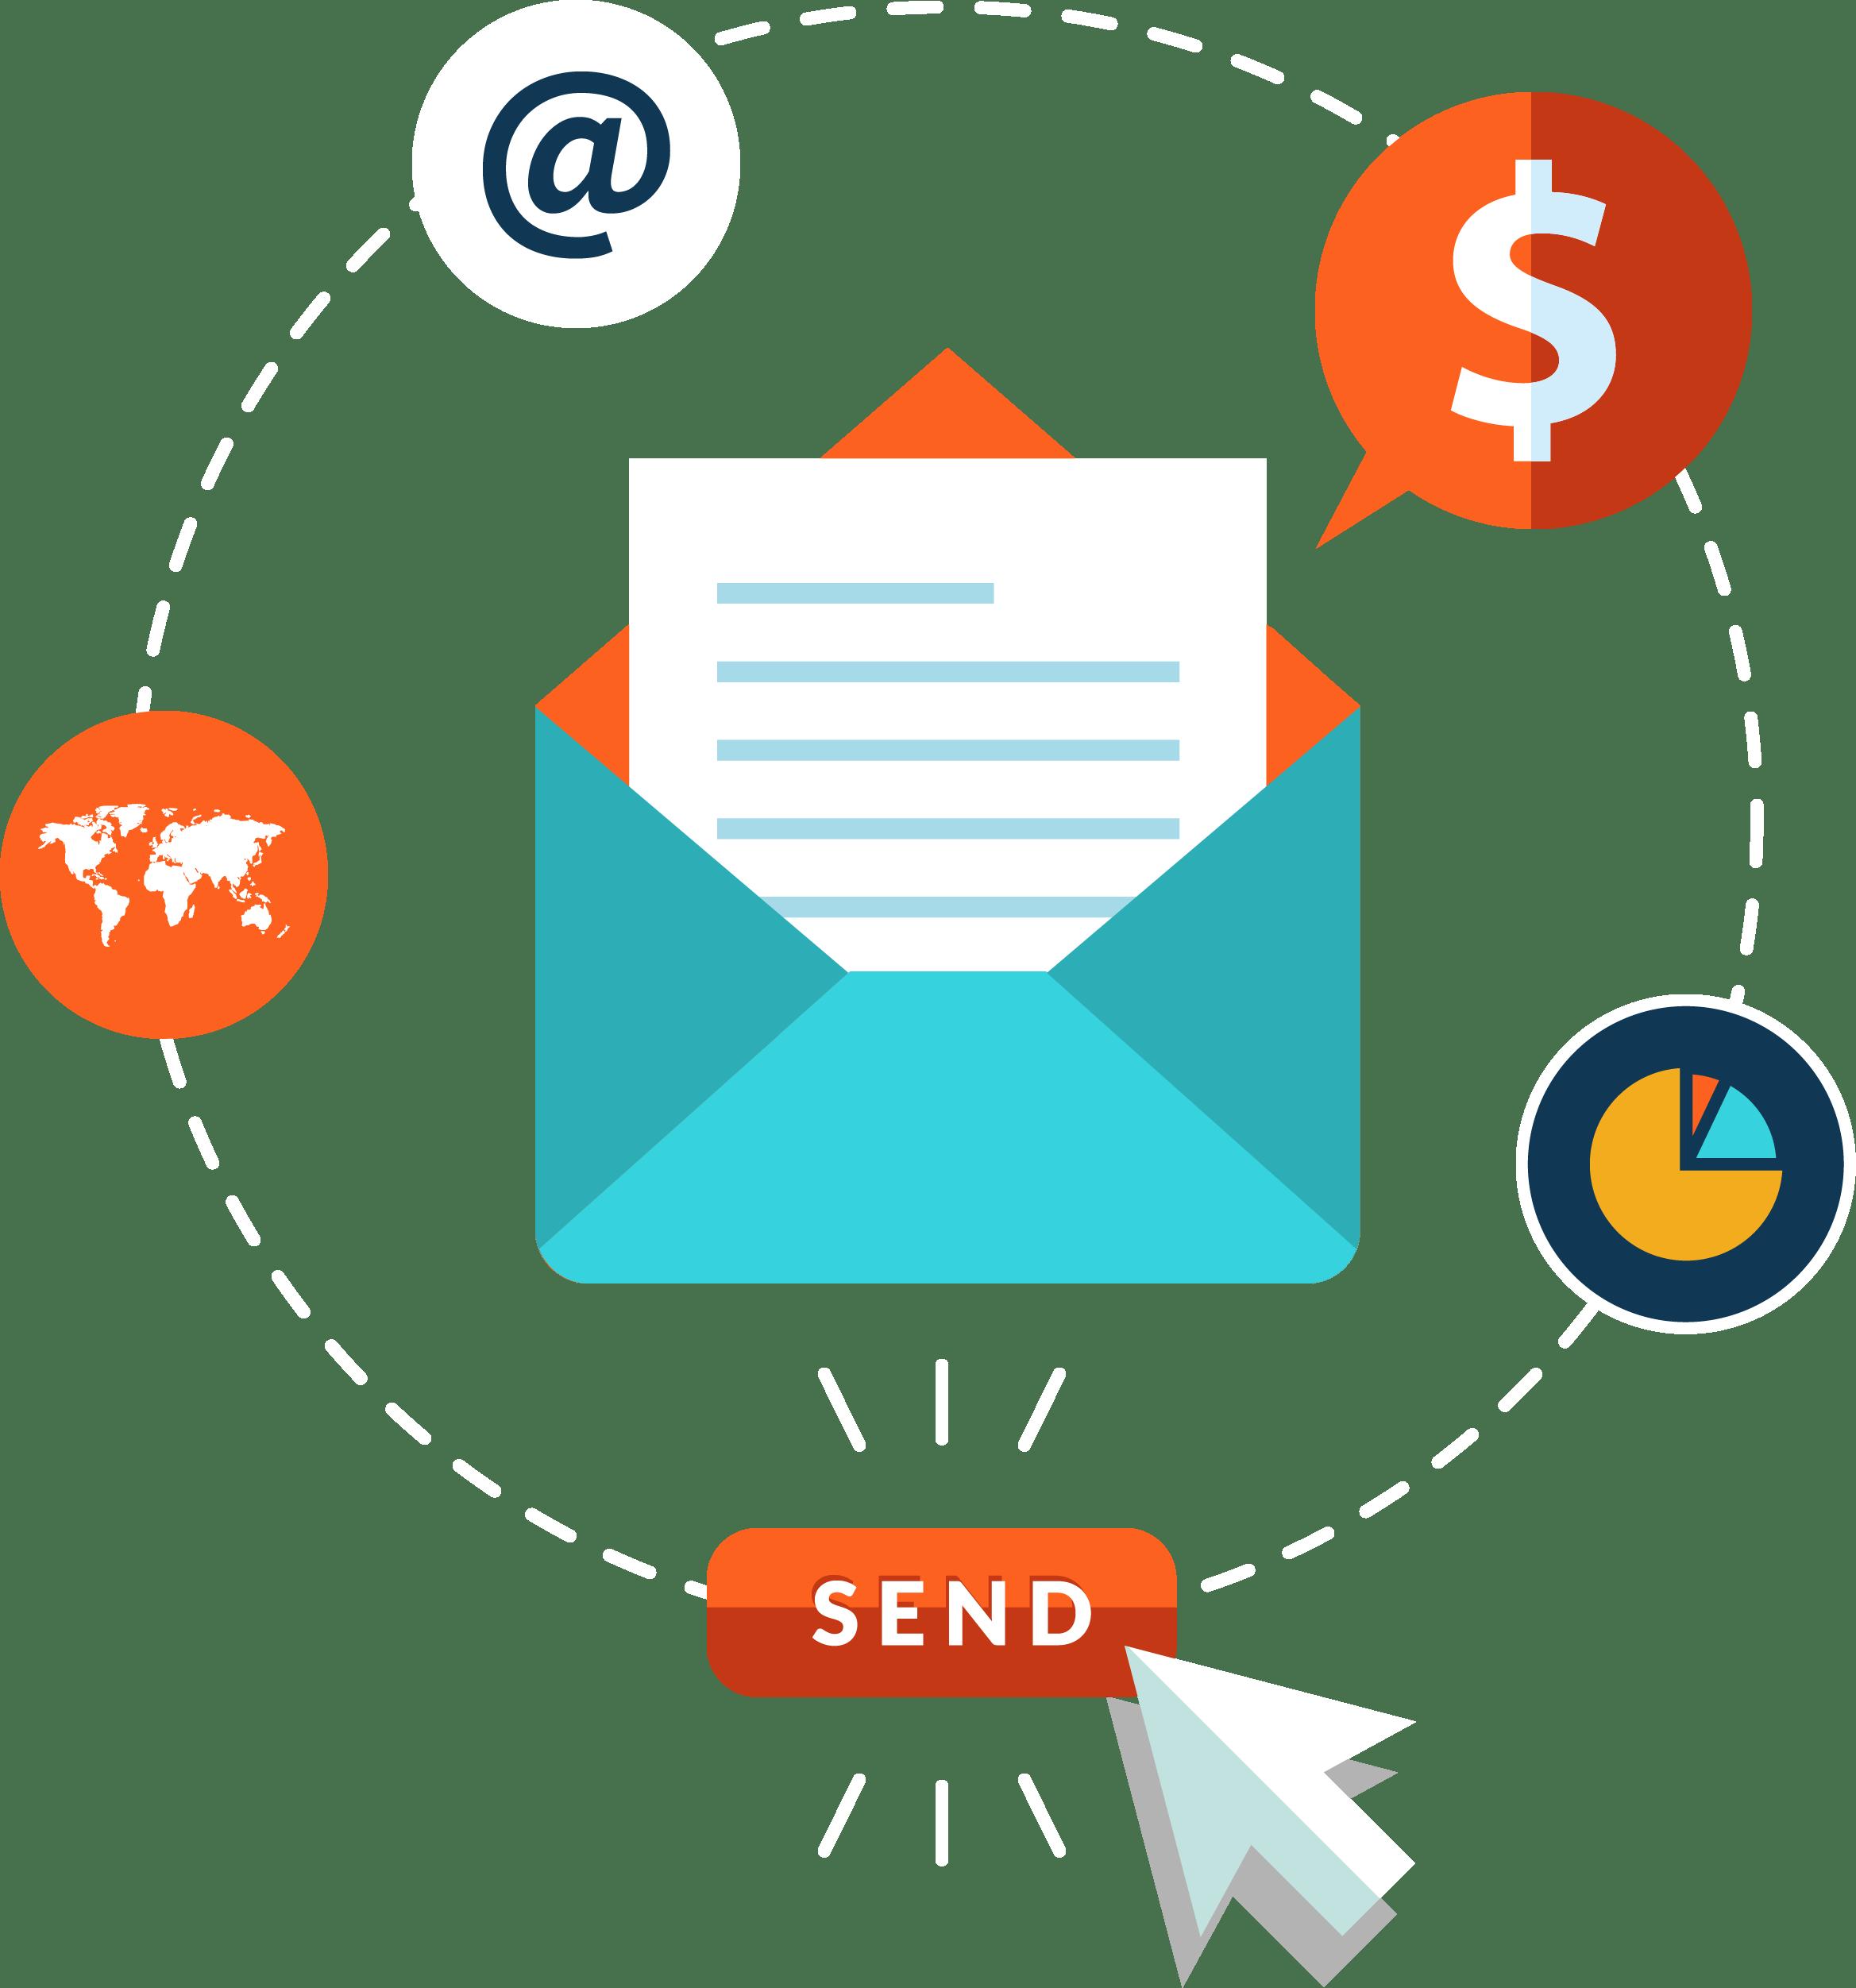 مزایای ایمیل سرور سازمانی